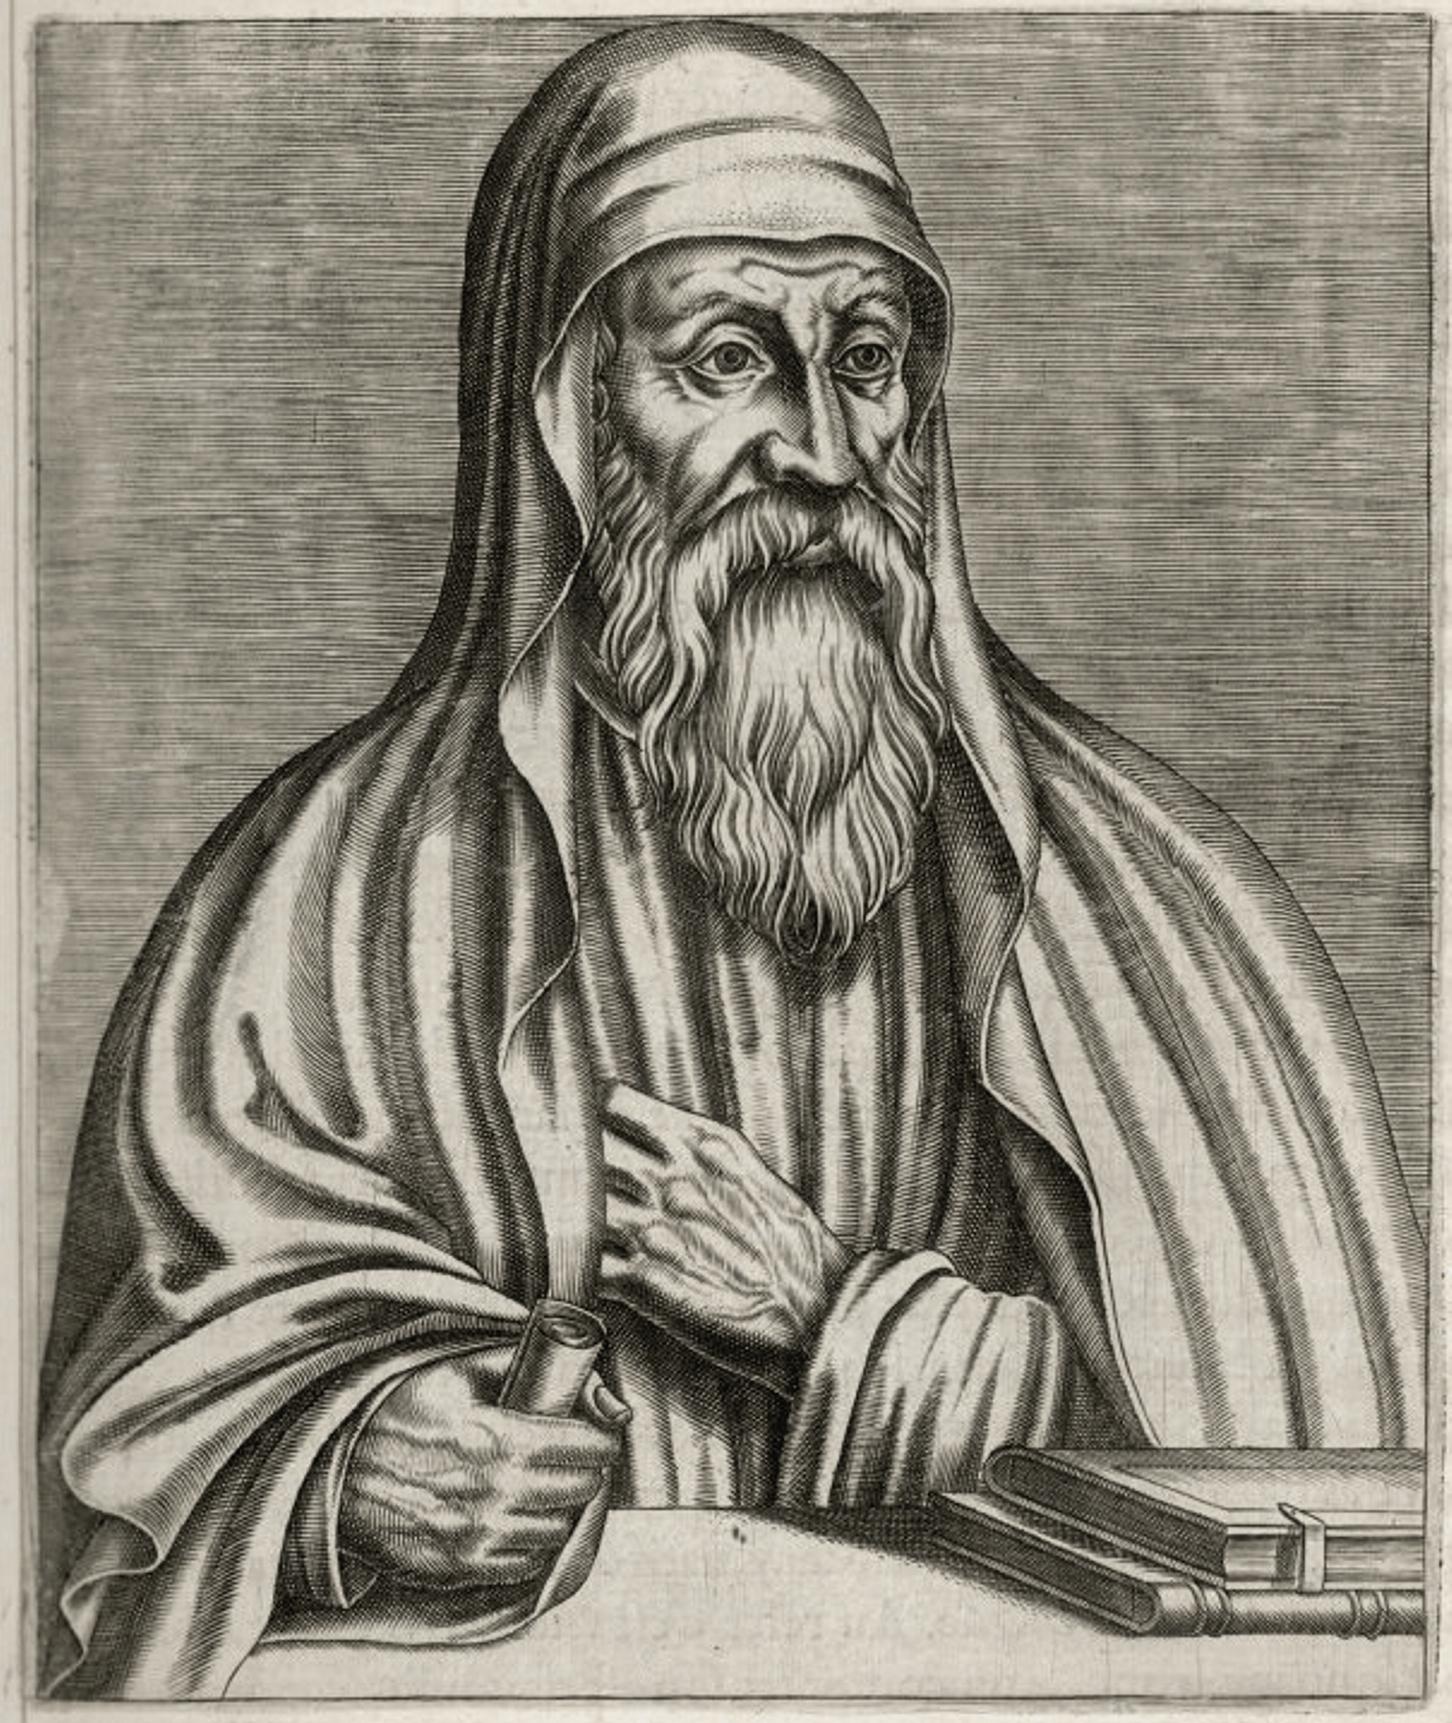 Origen (182 - 254)